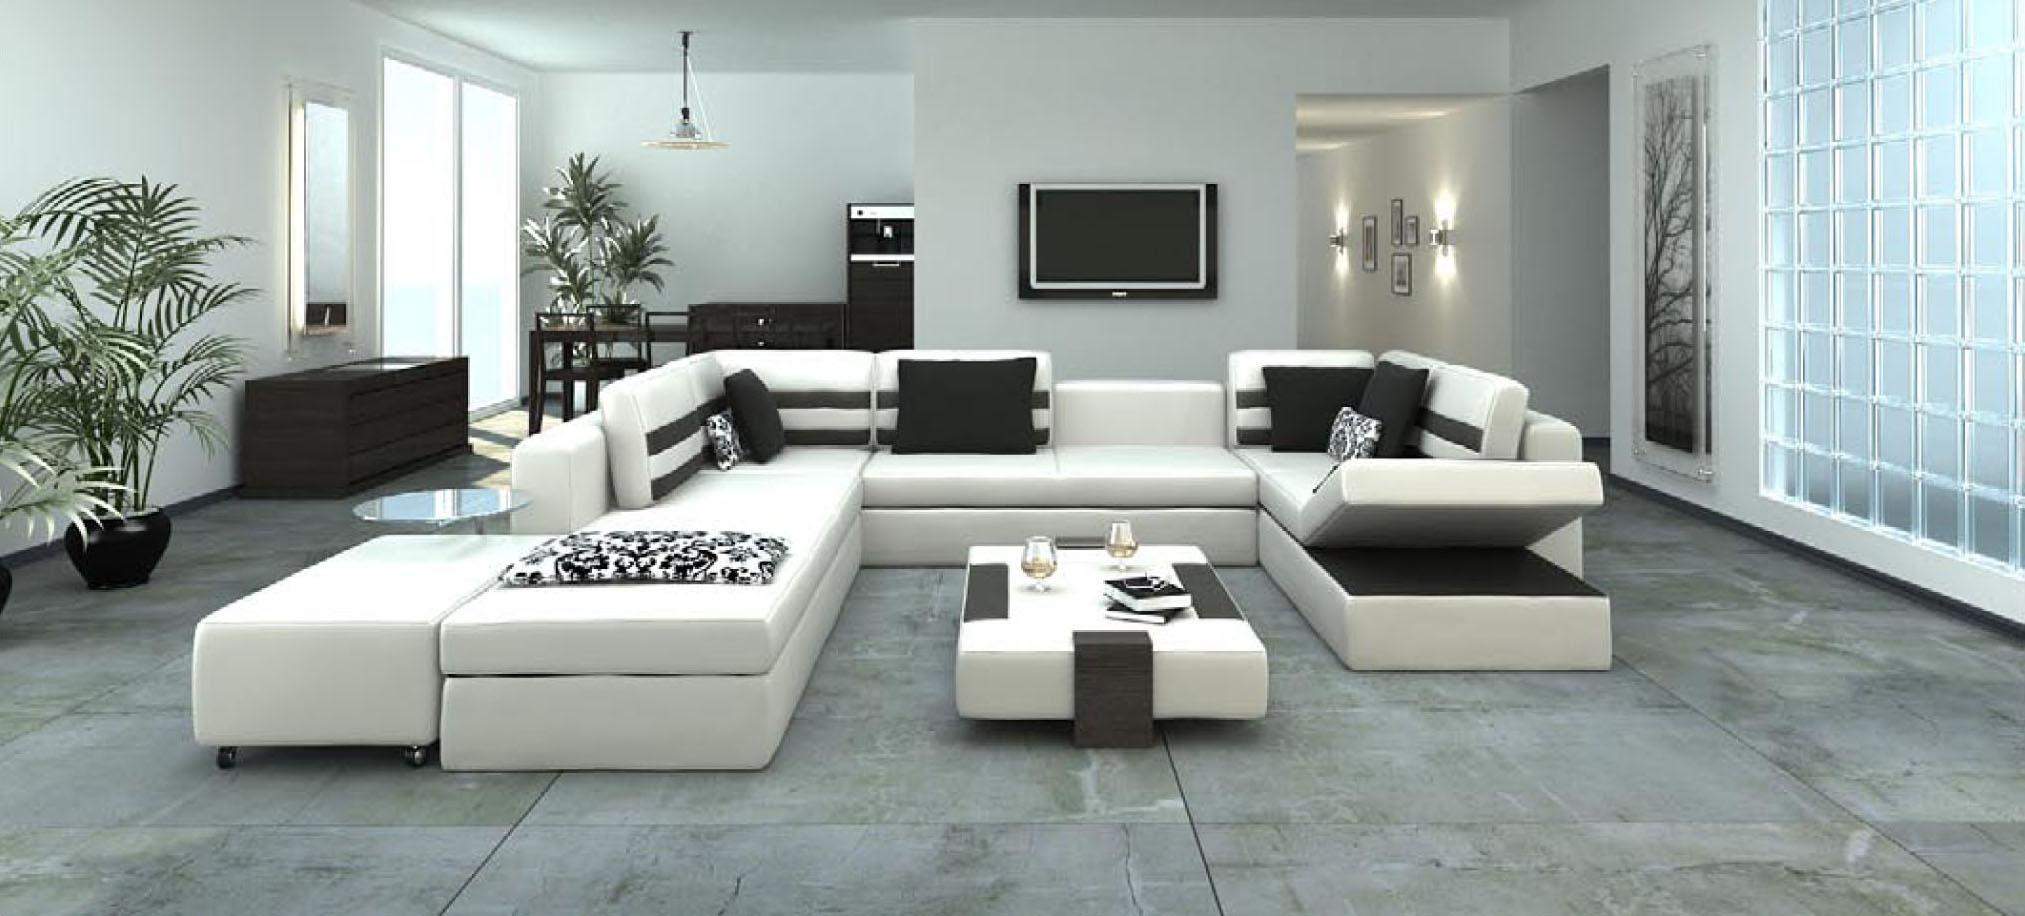 Vũ điệu của màu trắng trong thiết kế, trang trí nội thất